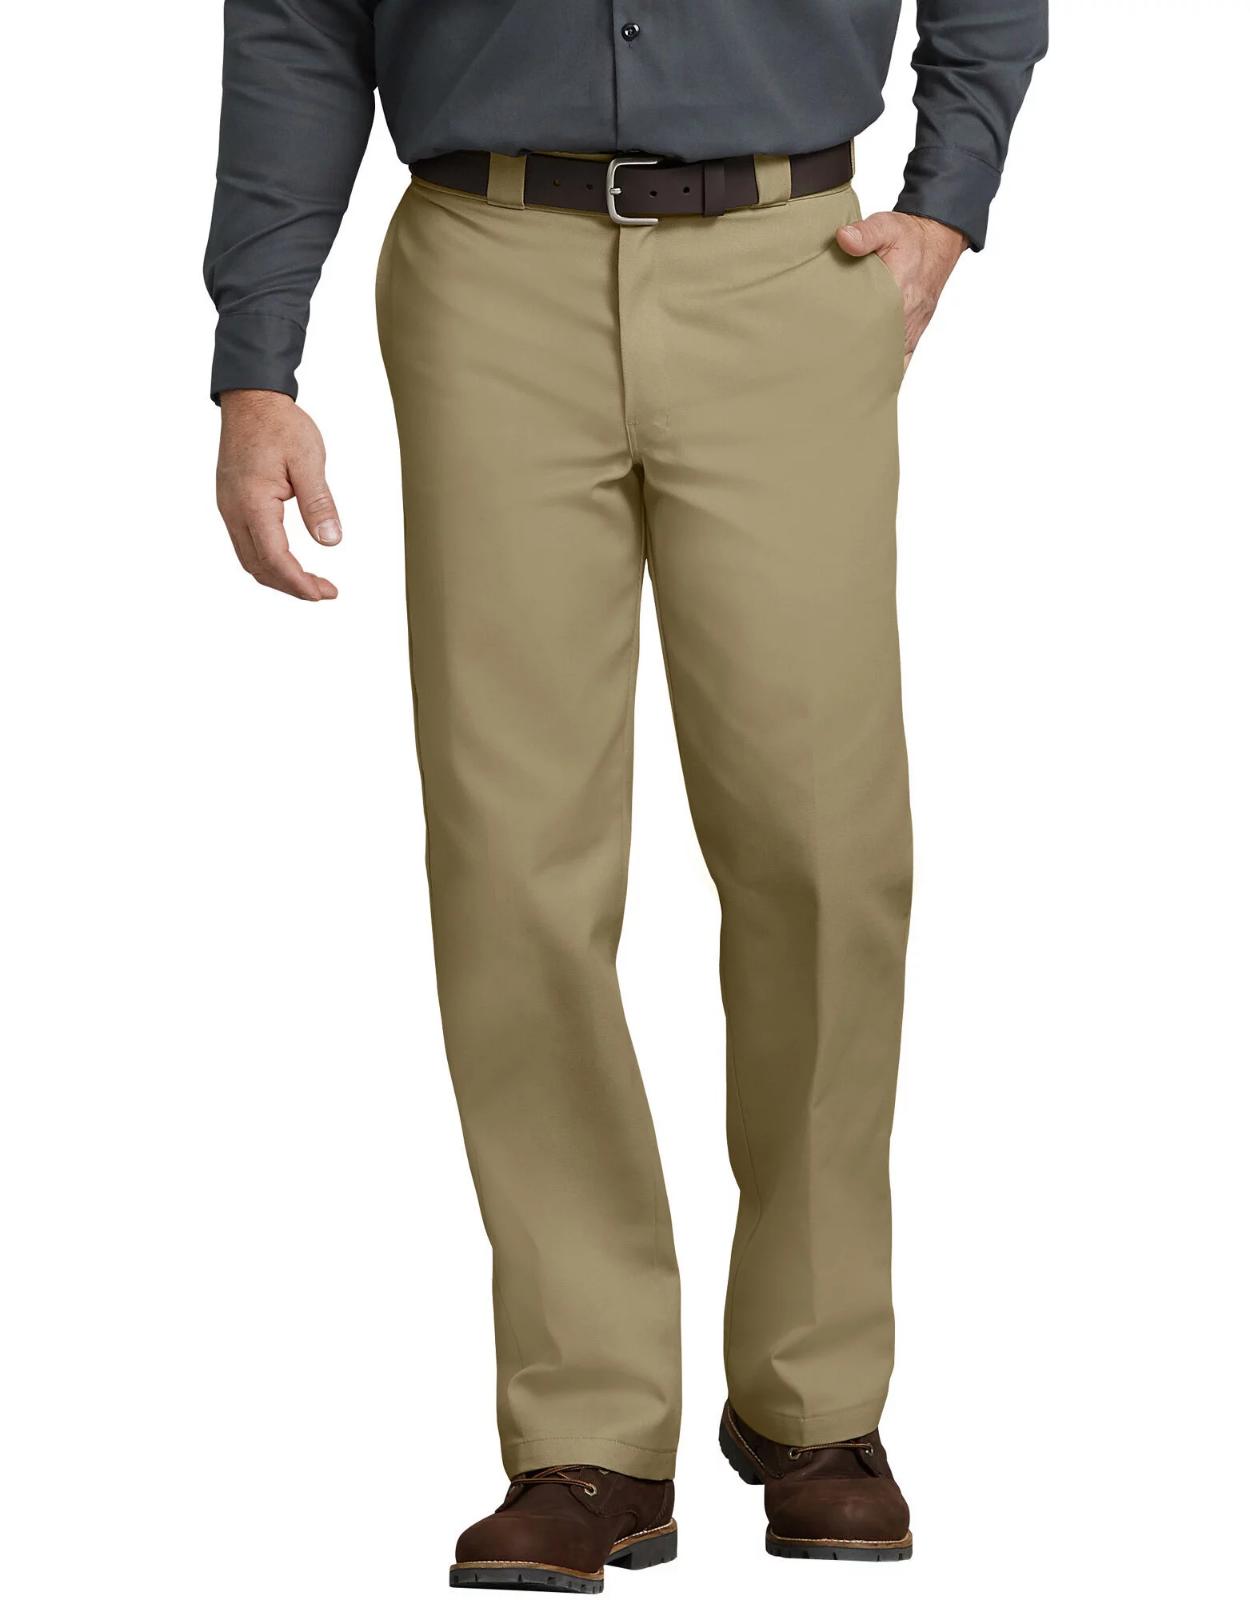 NWT Mens Dickies 874 Original Fit Military Khaki Work Pants